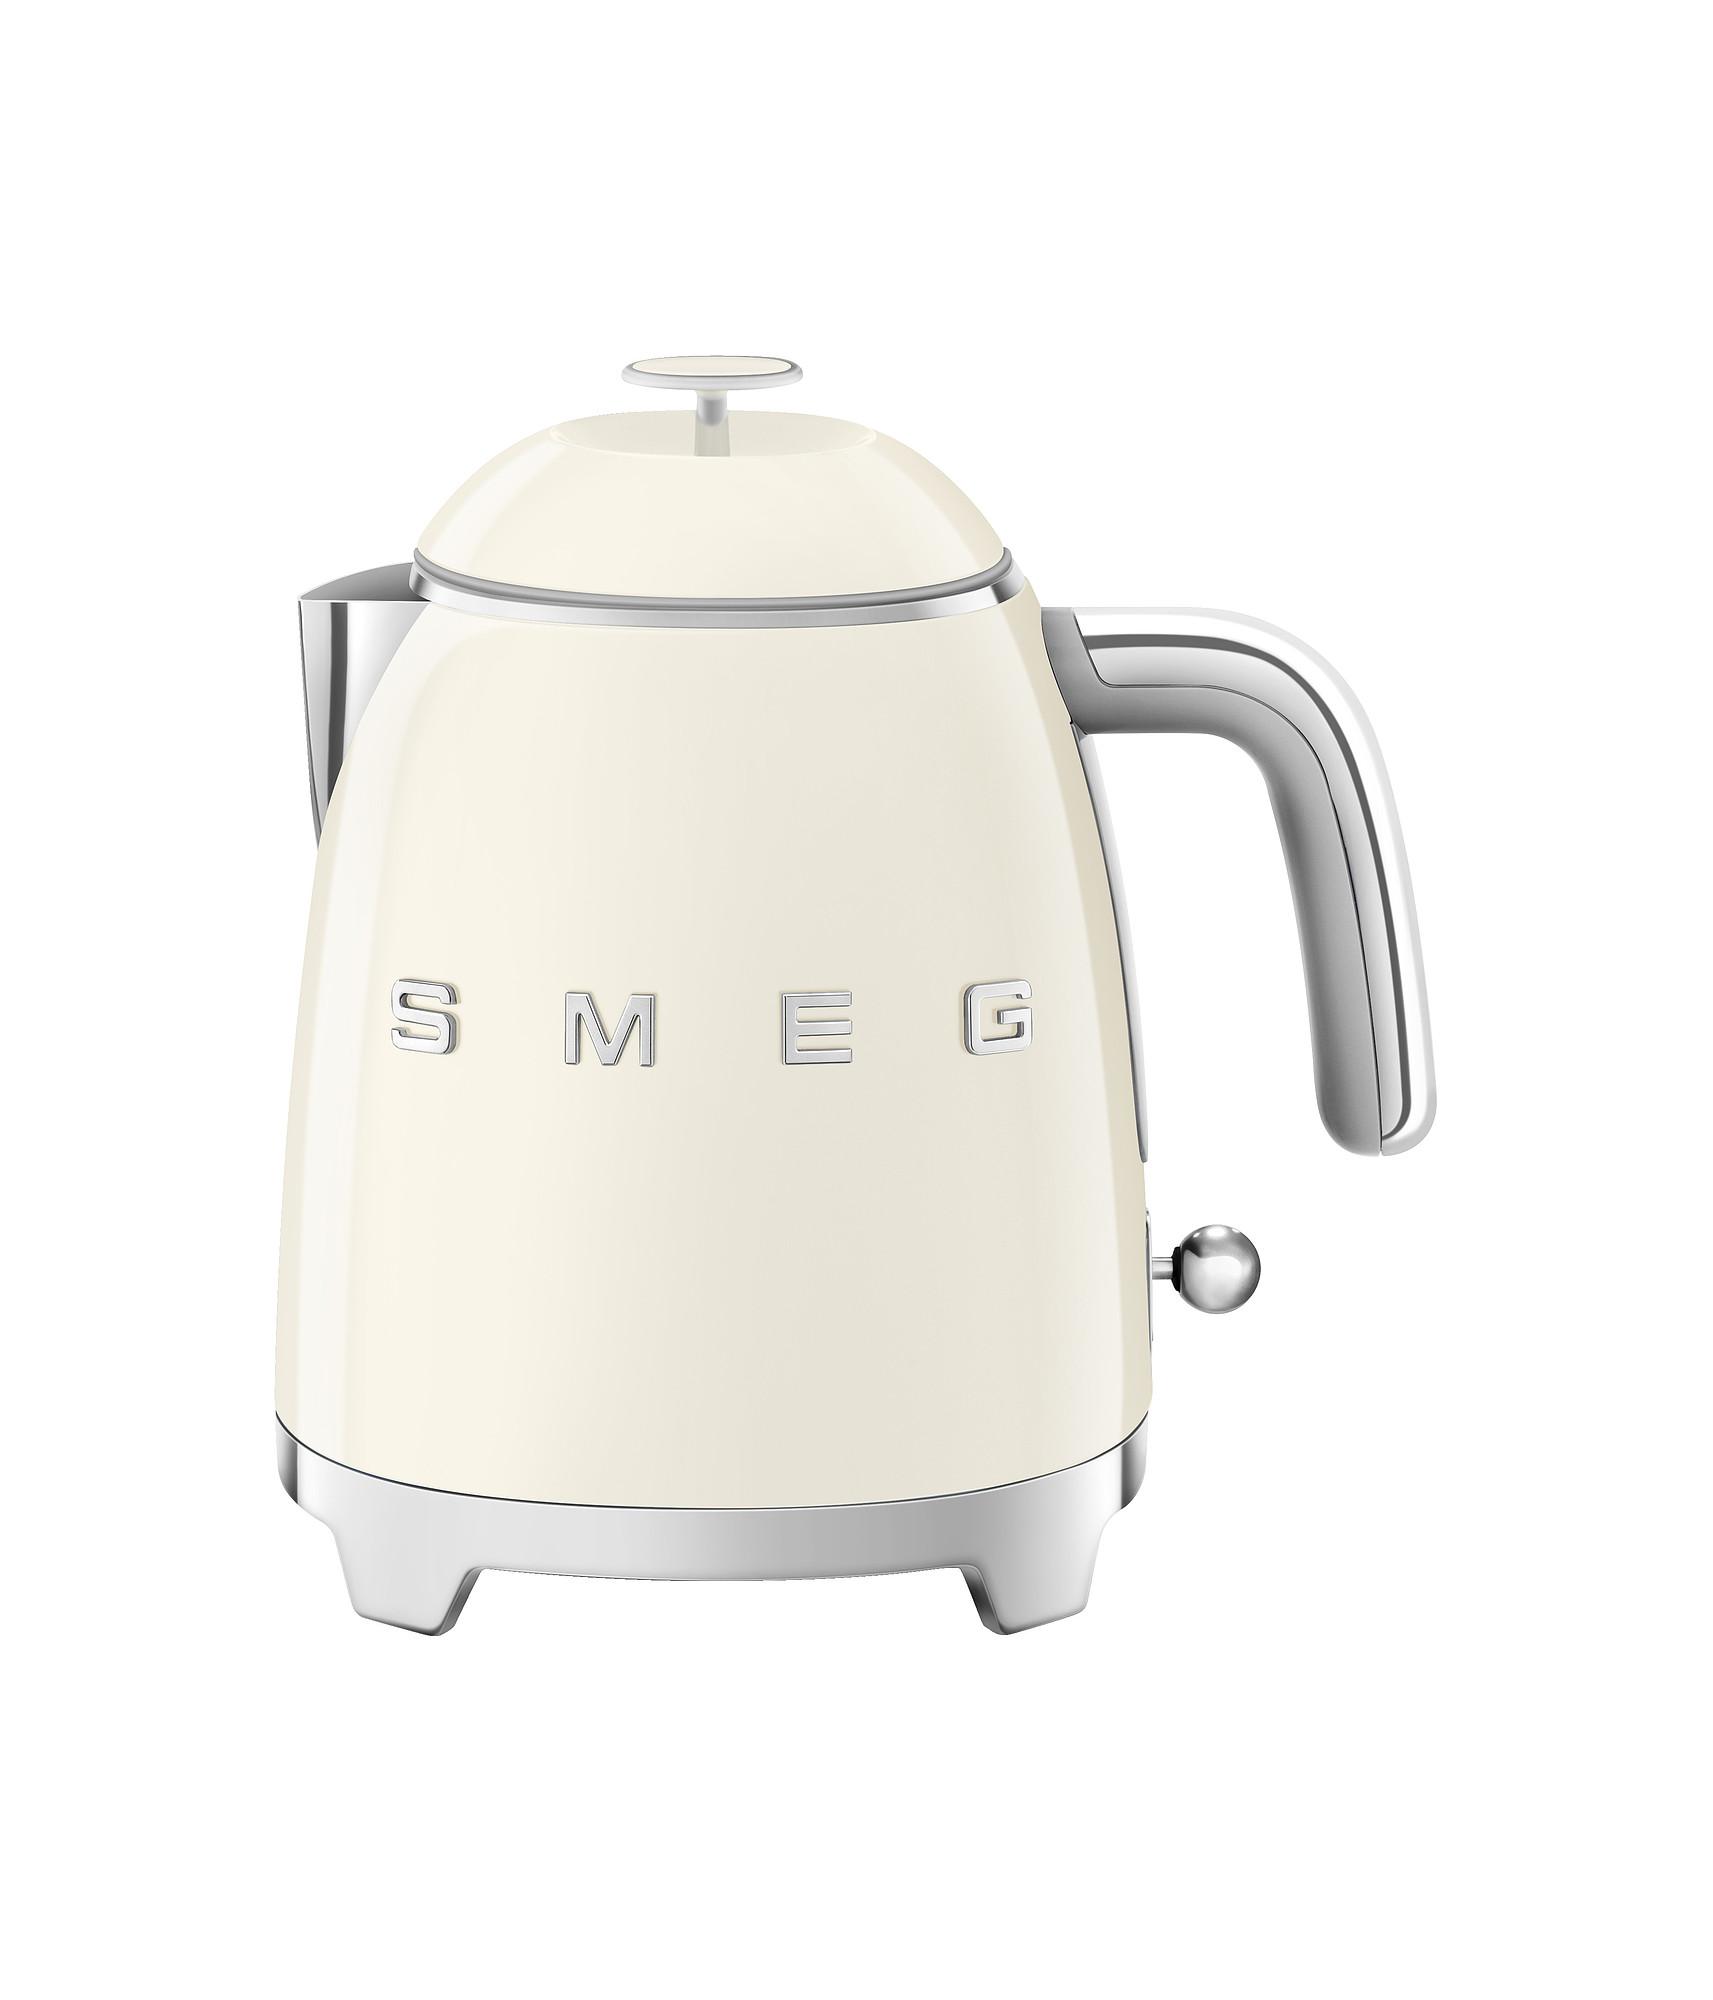 SMEG Mini Wasserkocher Creme